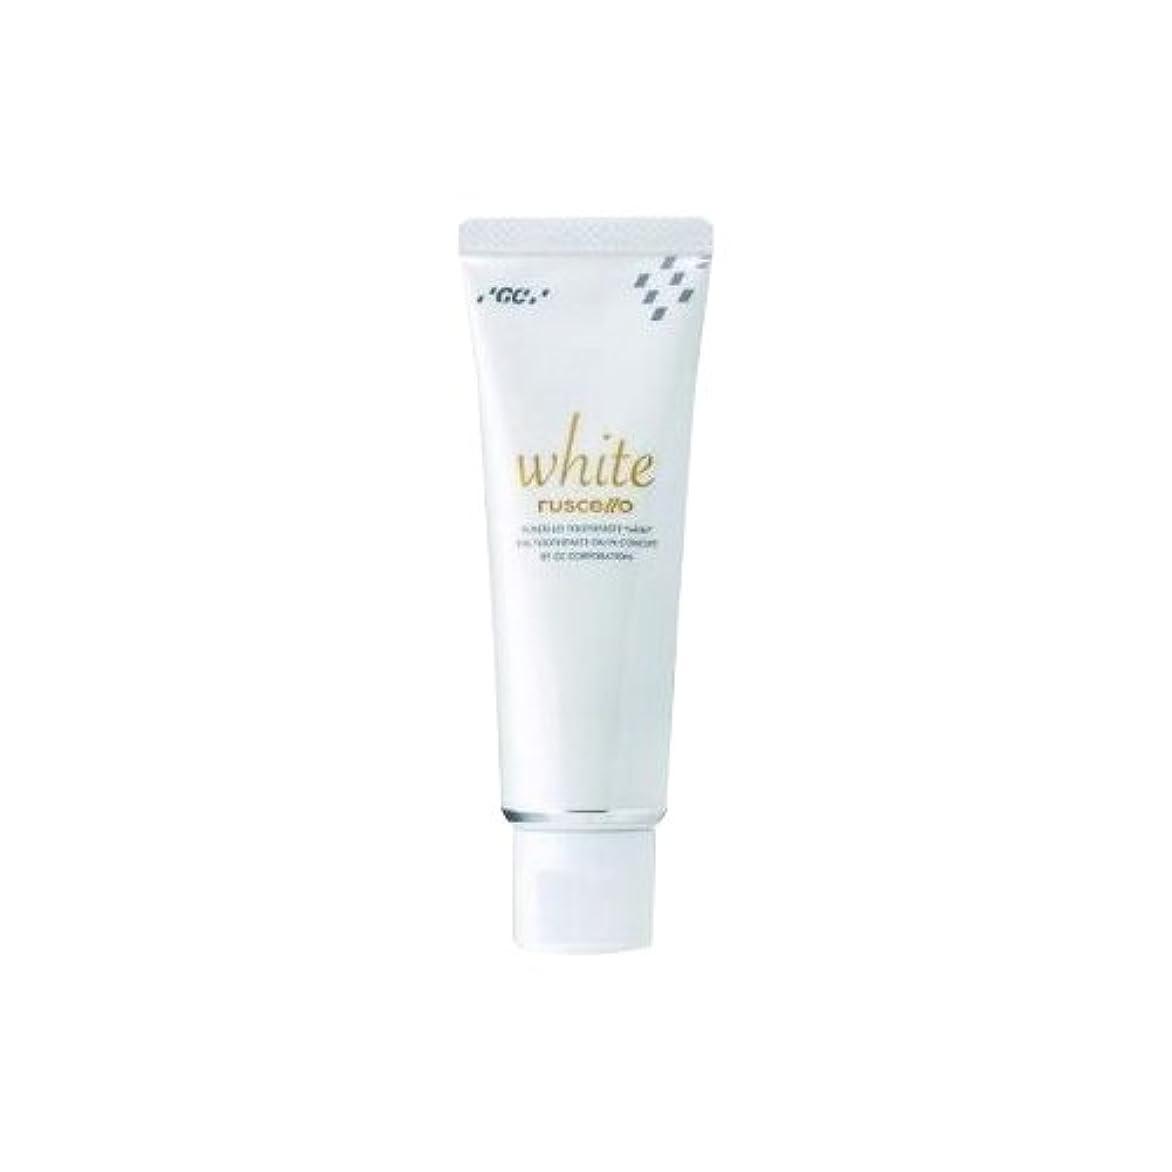 ベッドヘロイン摂動GC ルシェロ歯磨きペースト ホワイト 100g (1個)